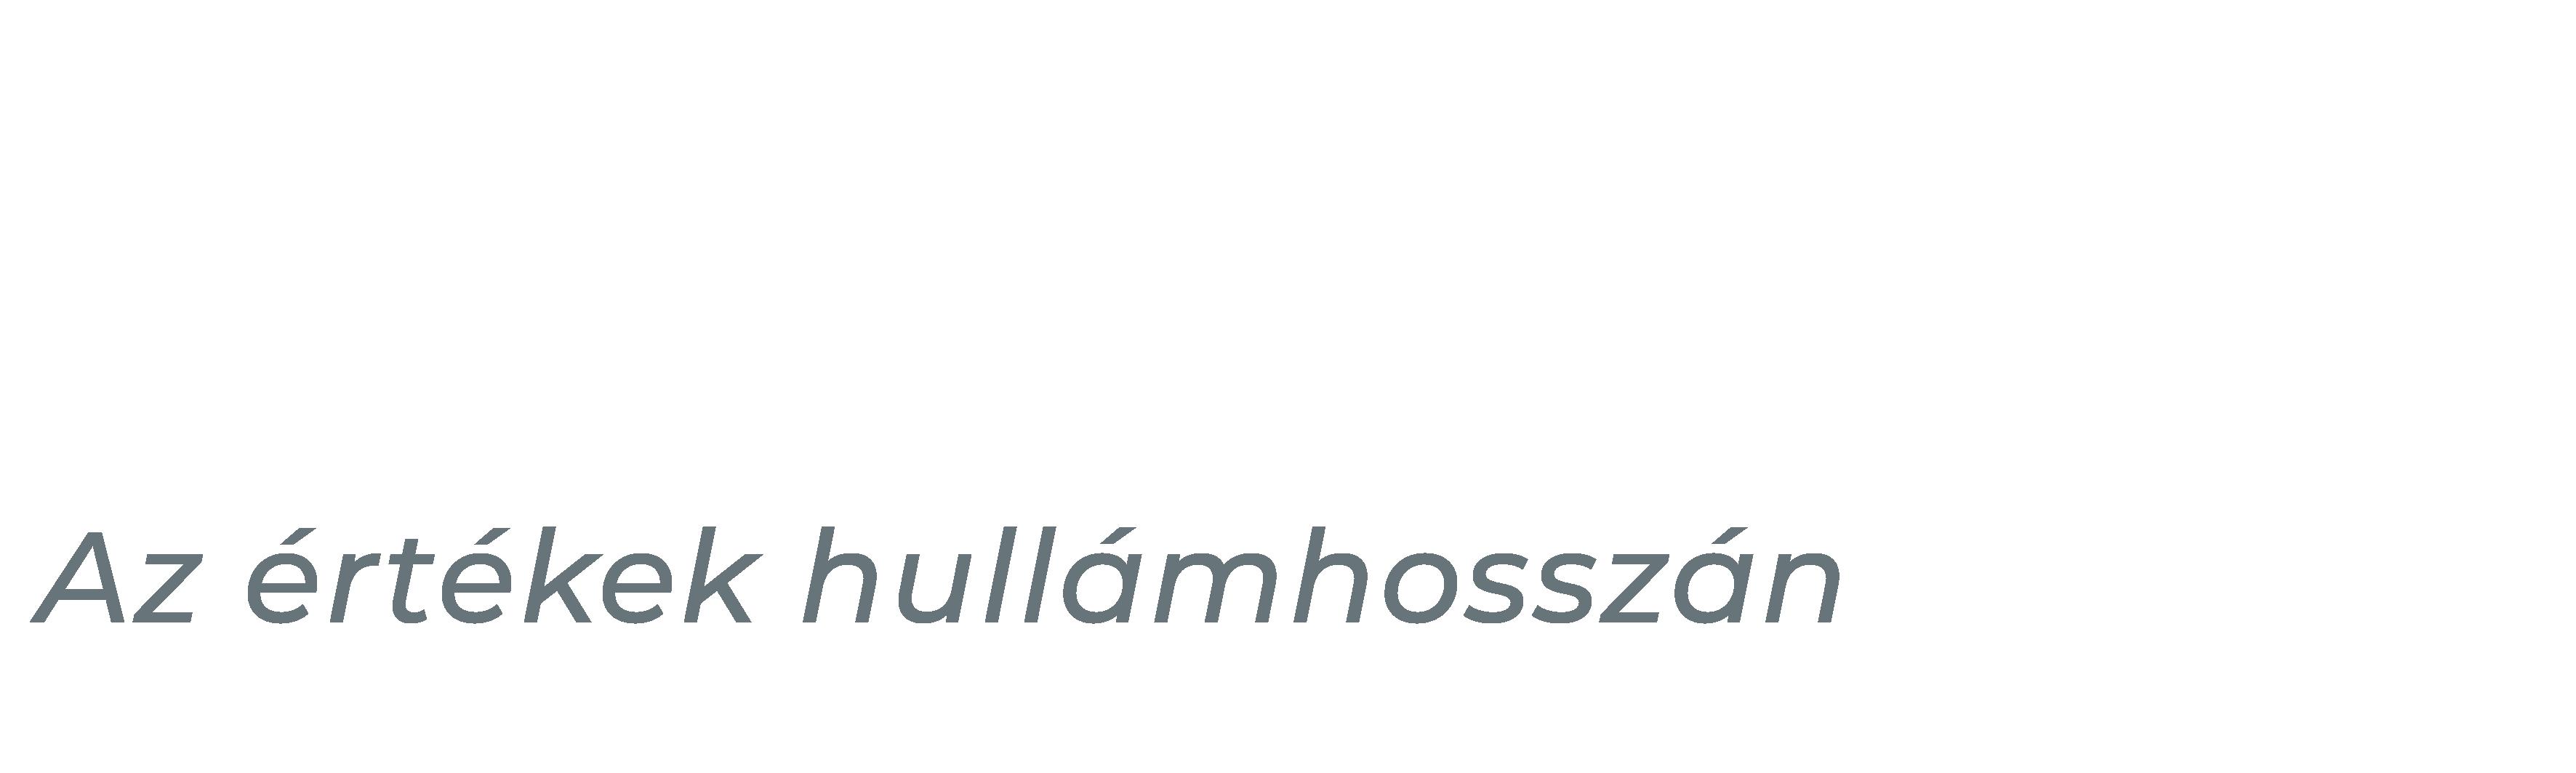 slide-logo-szetszedve-04.png